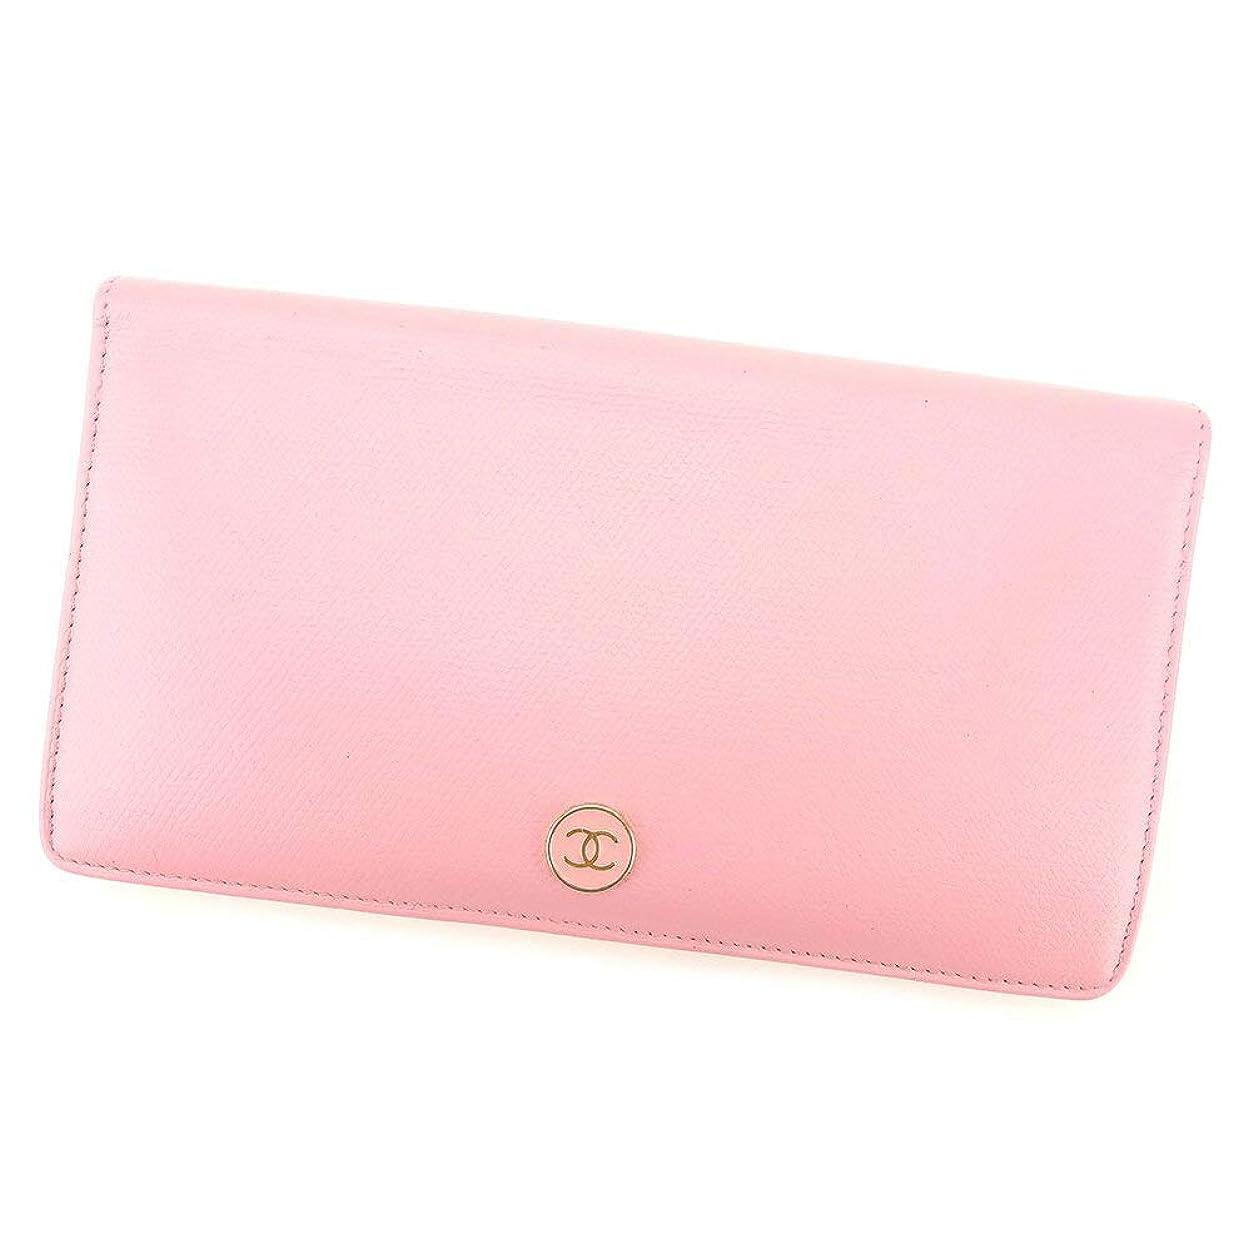 細心のアルファベットメール(シャネル) Chanel 長財布 ファスナー付き 長財布 ピンク ココボタン レディース 中古 T8391